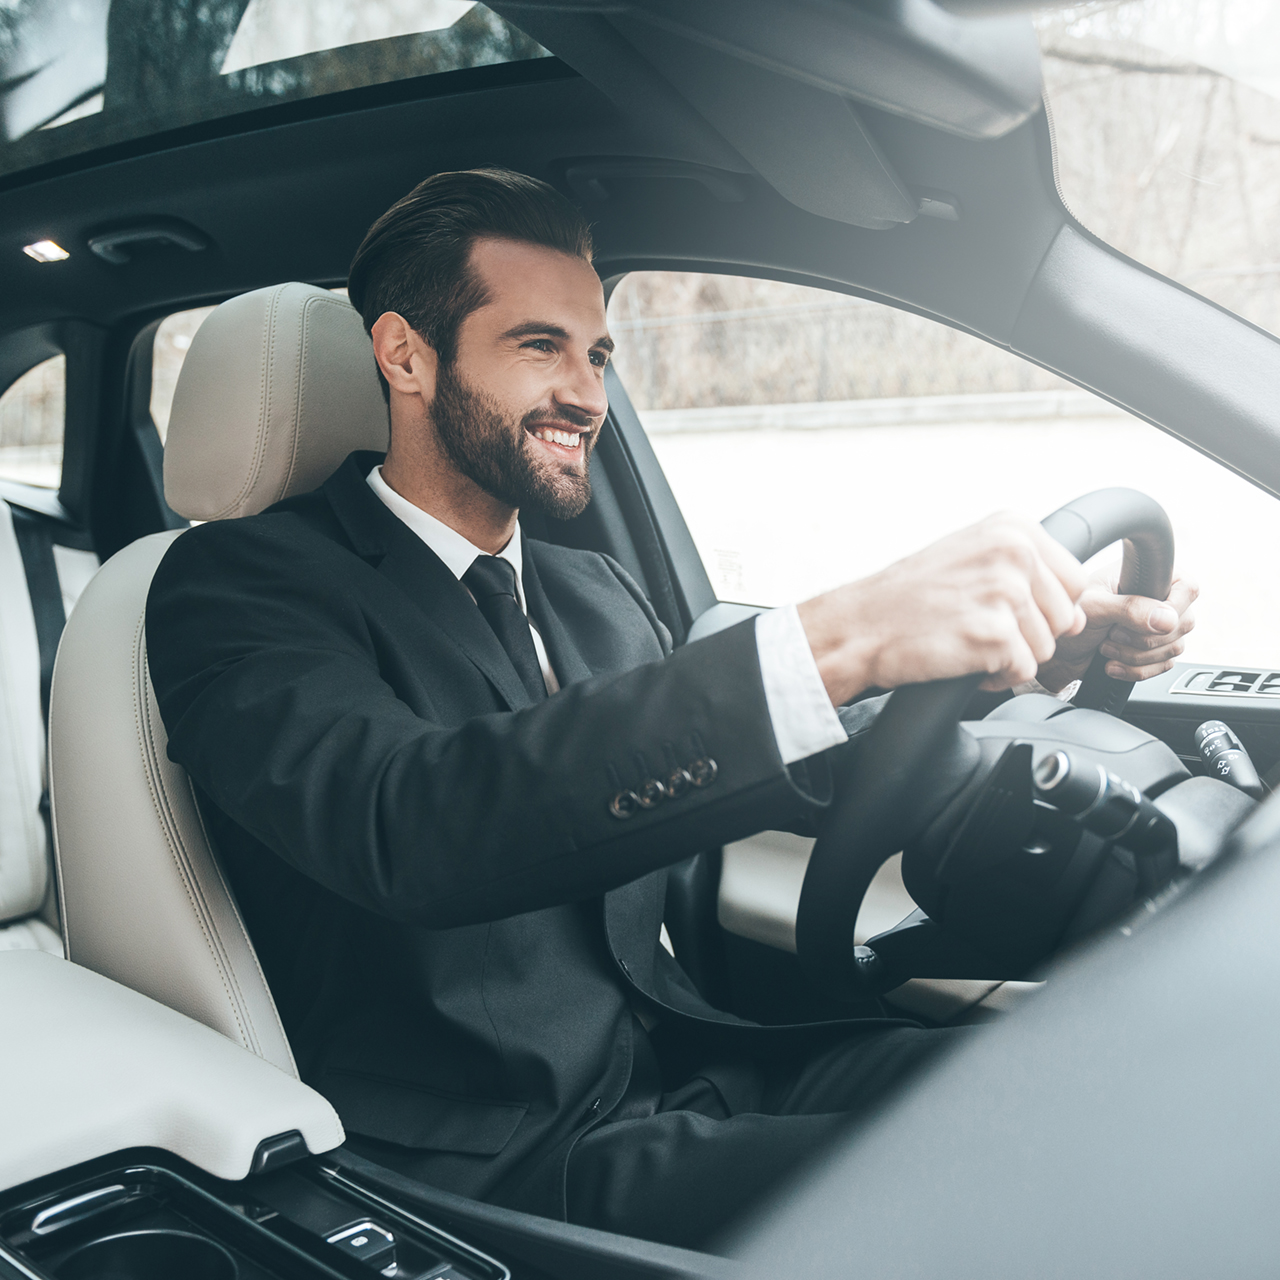 Uso del veicolo per trasferta aziendale: calcolo costo chilometrico e tabelle ACI